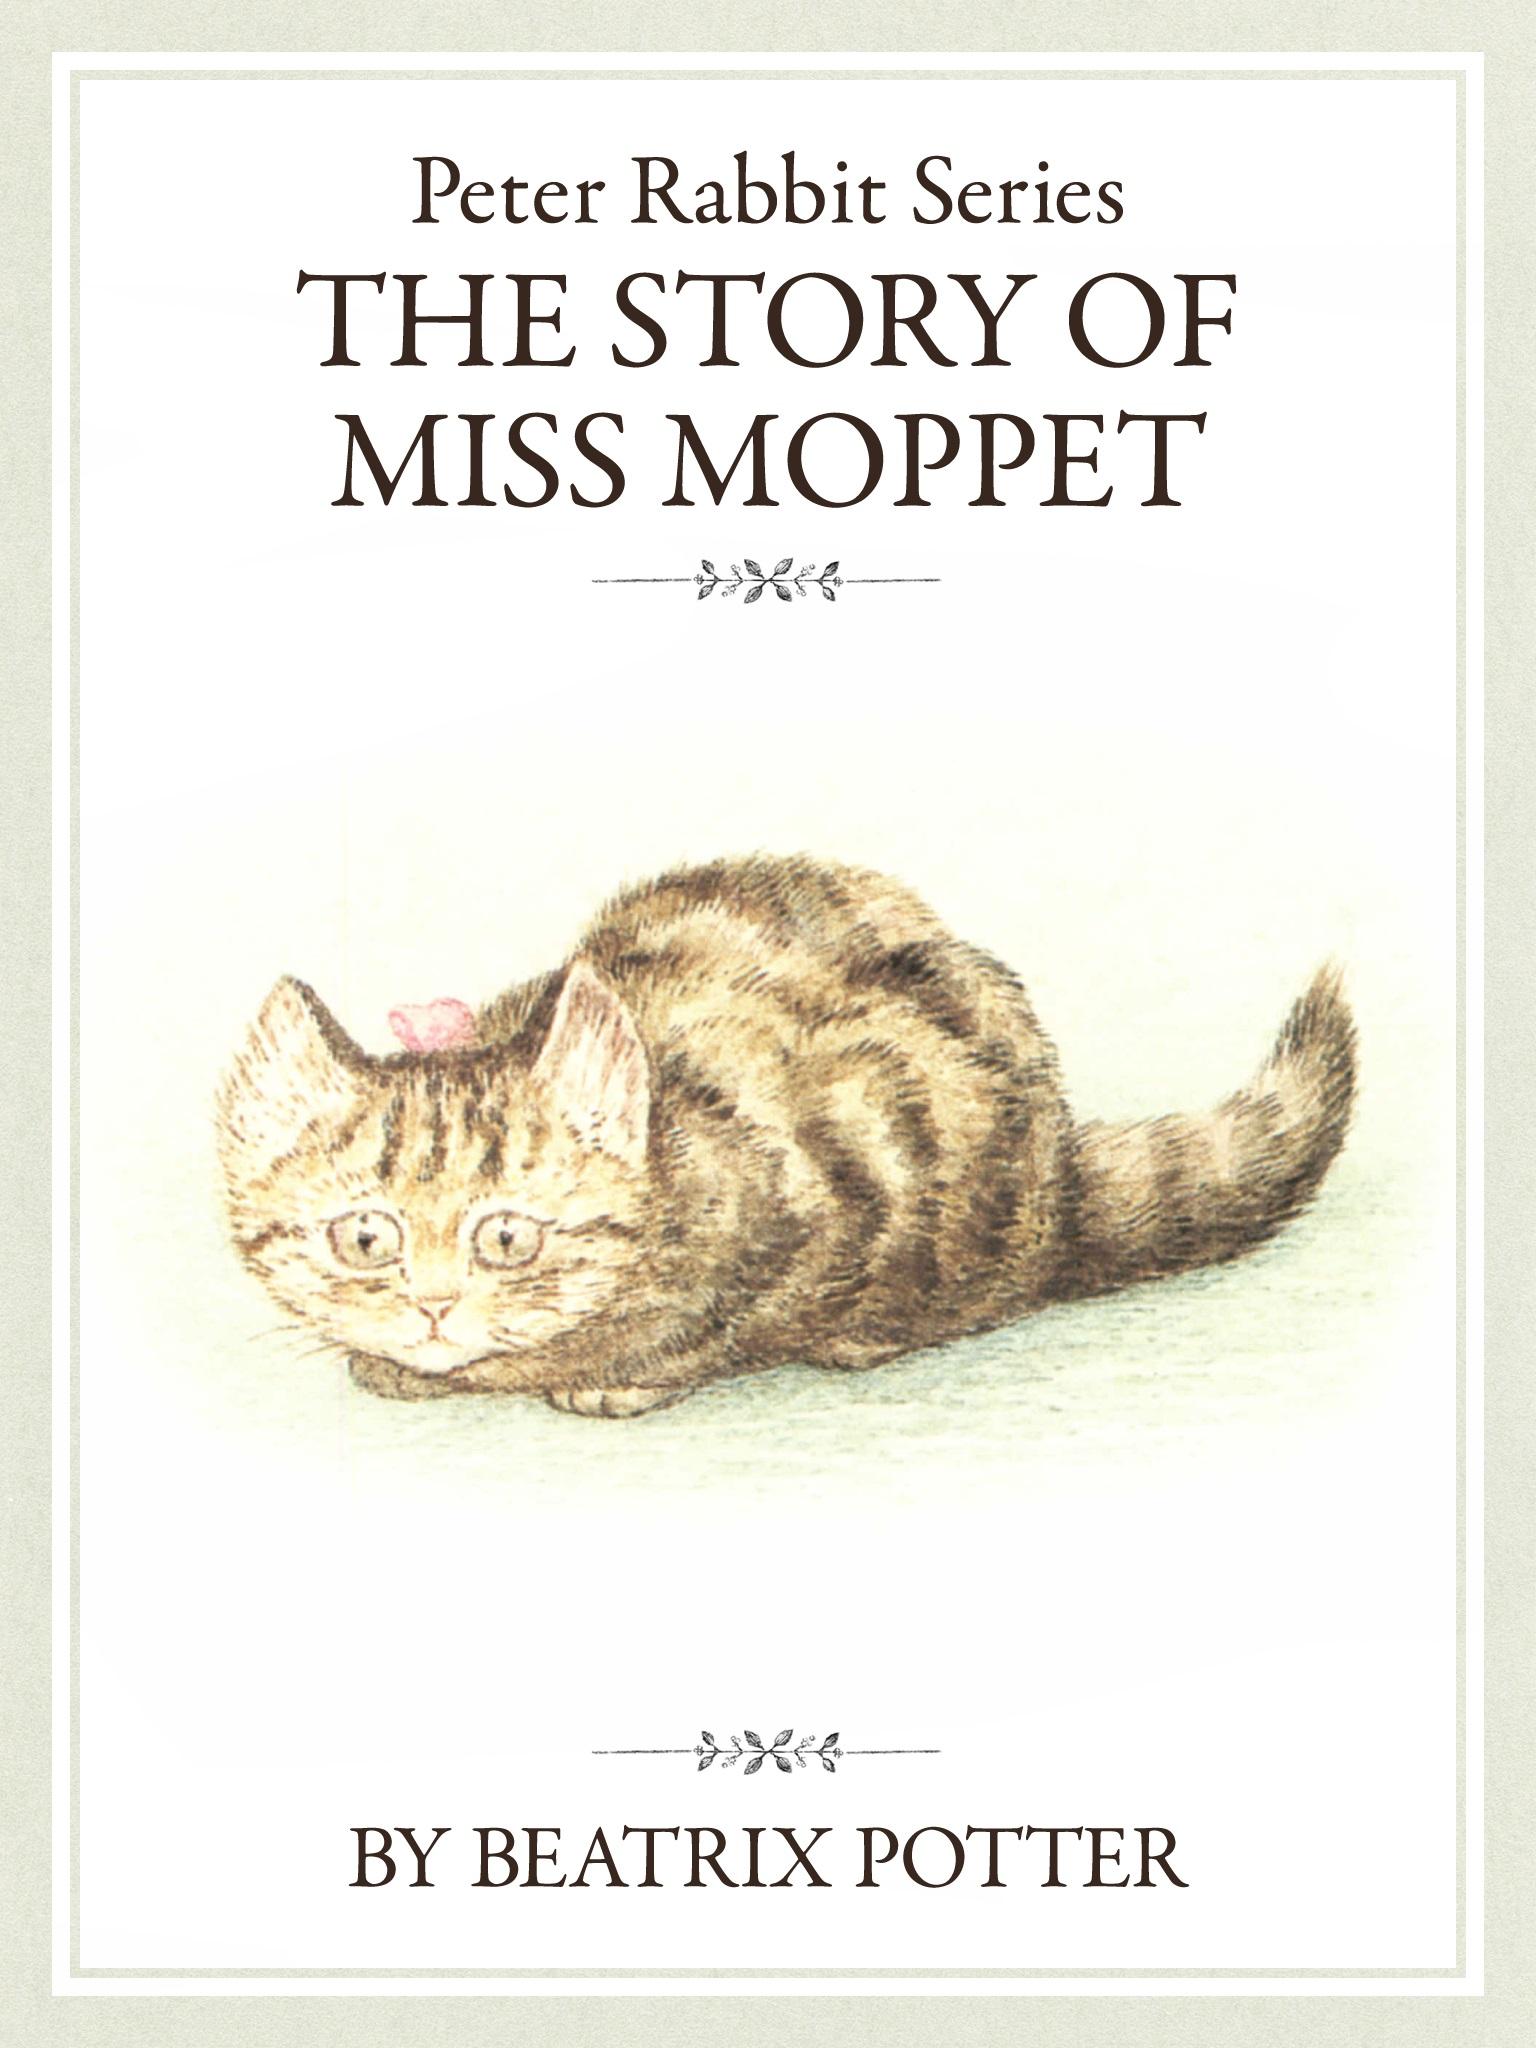 ザ ピーターラビットシリーズ5 THE STORY OF MISS MOPPET